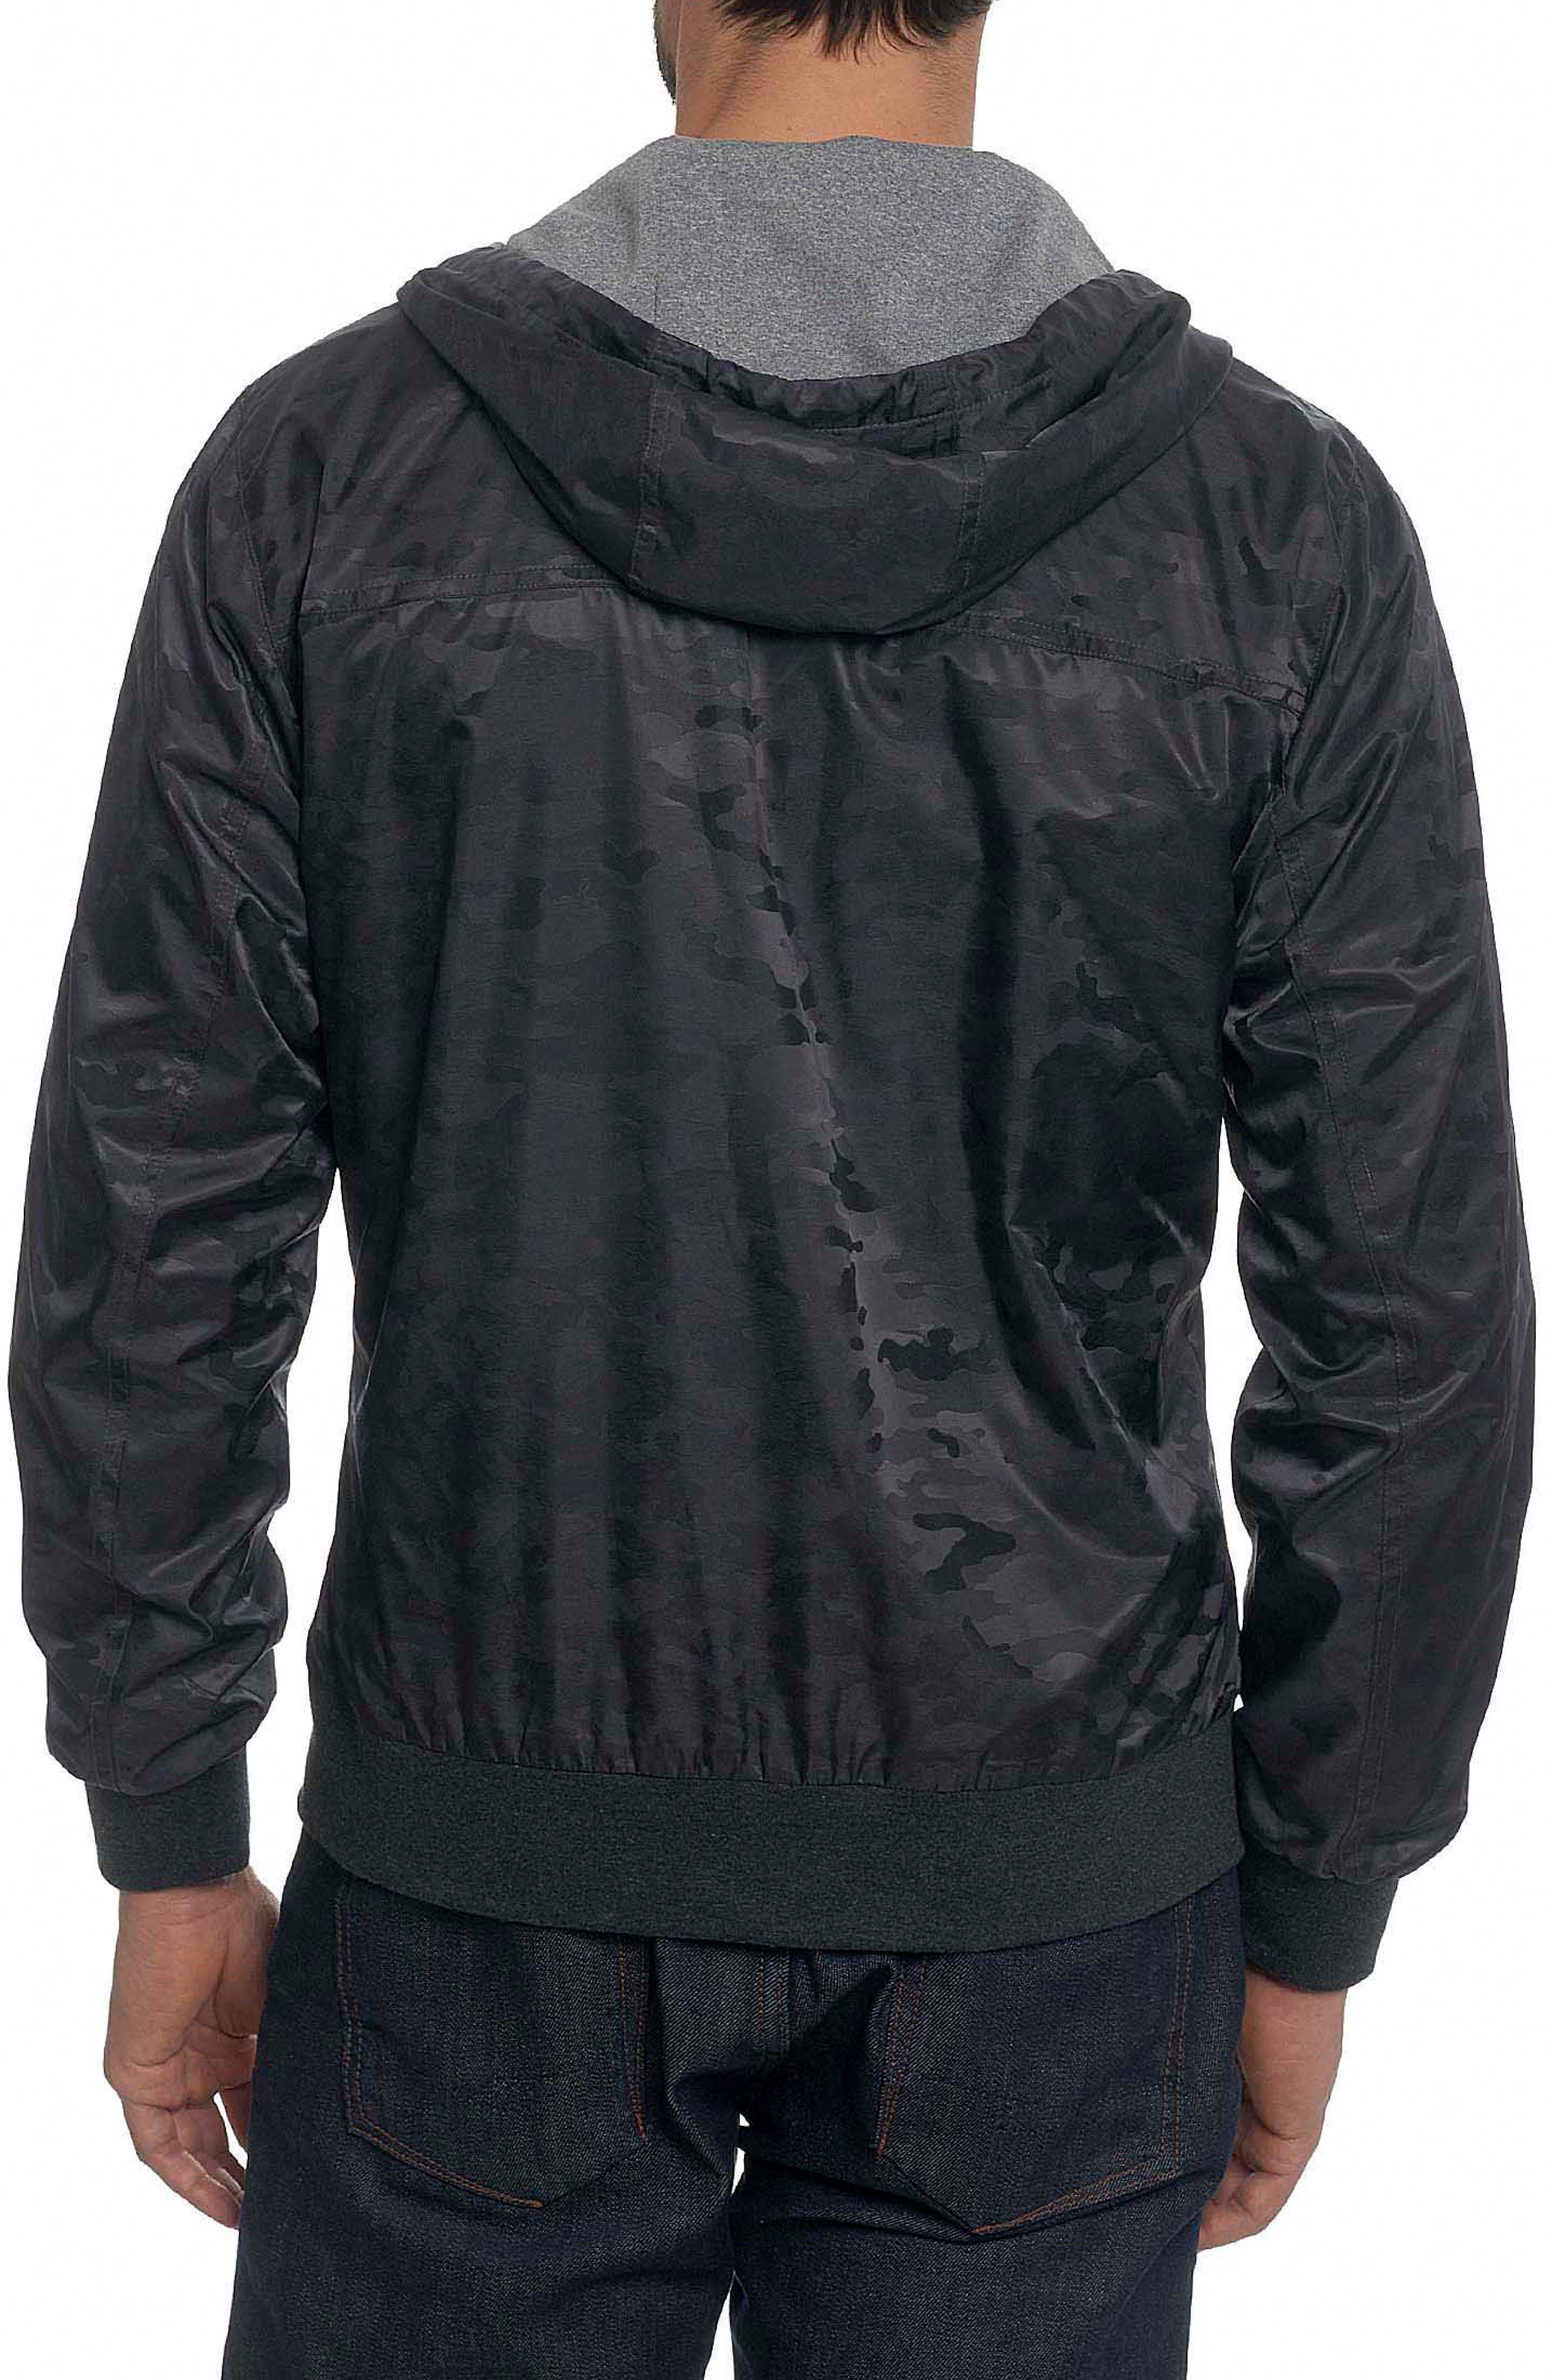 Peekskill Tailored Fit Jacket,                             Alternate thumbnail 2, color,                             060